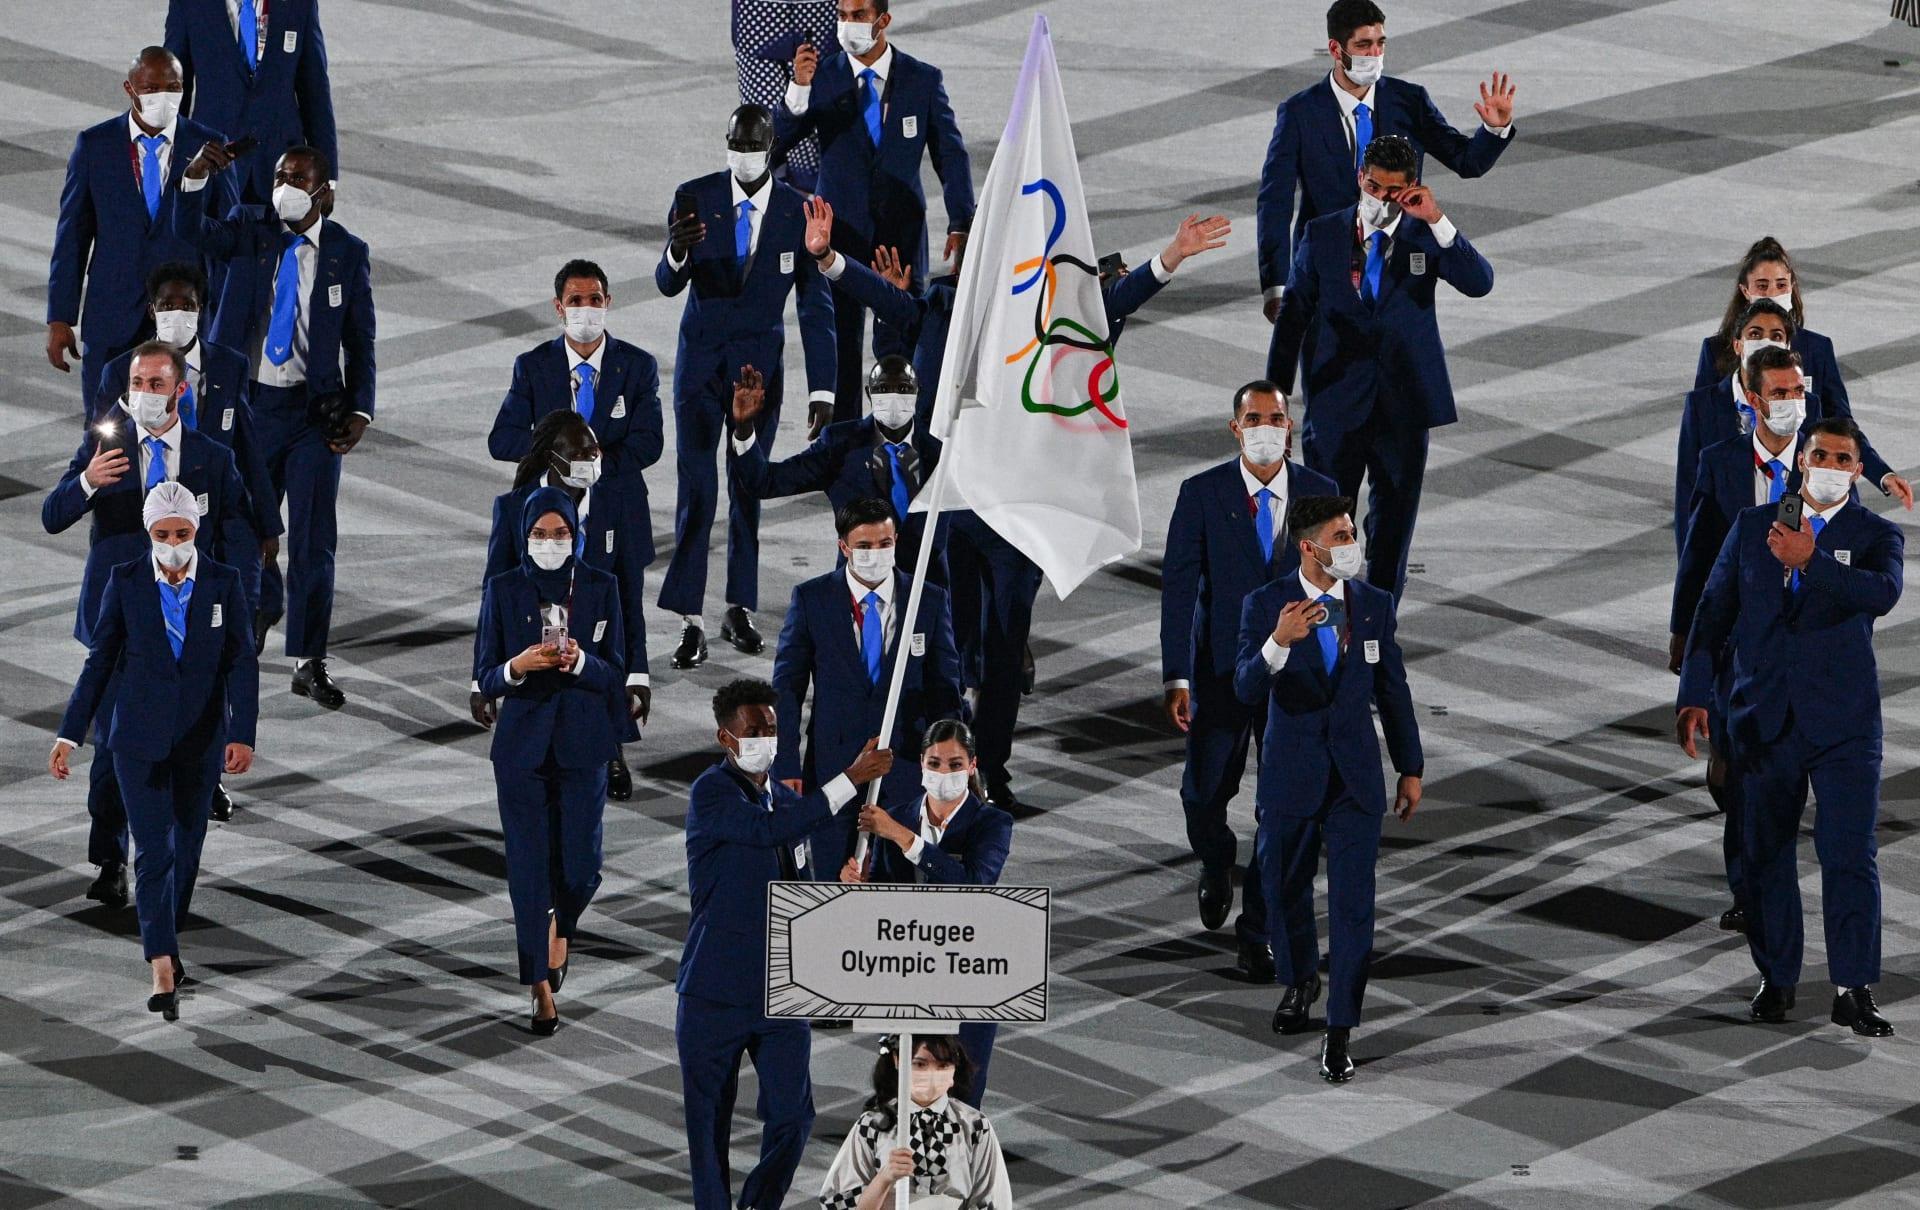 السورية يسرى مارديني تحمل علم الفريق الأولمبي للاجئين مع الإريتري الأصل تاتلويني غابرييسوس